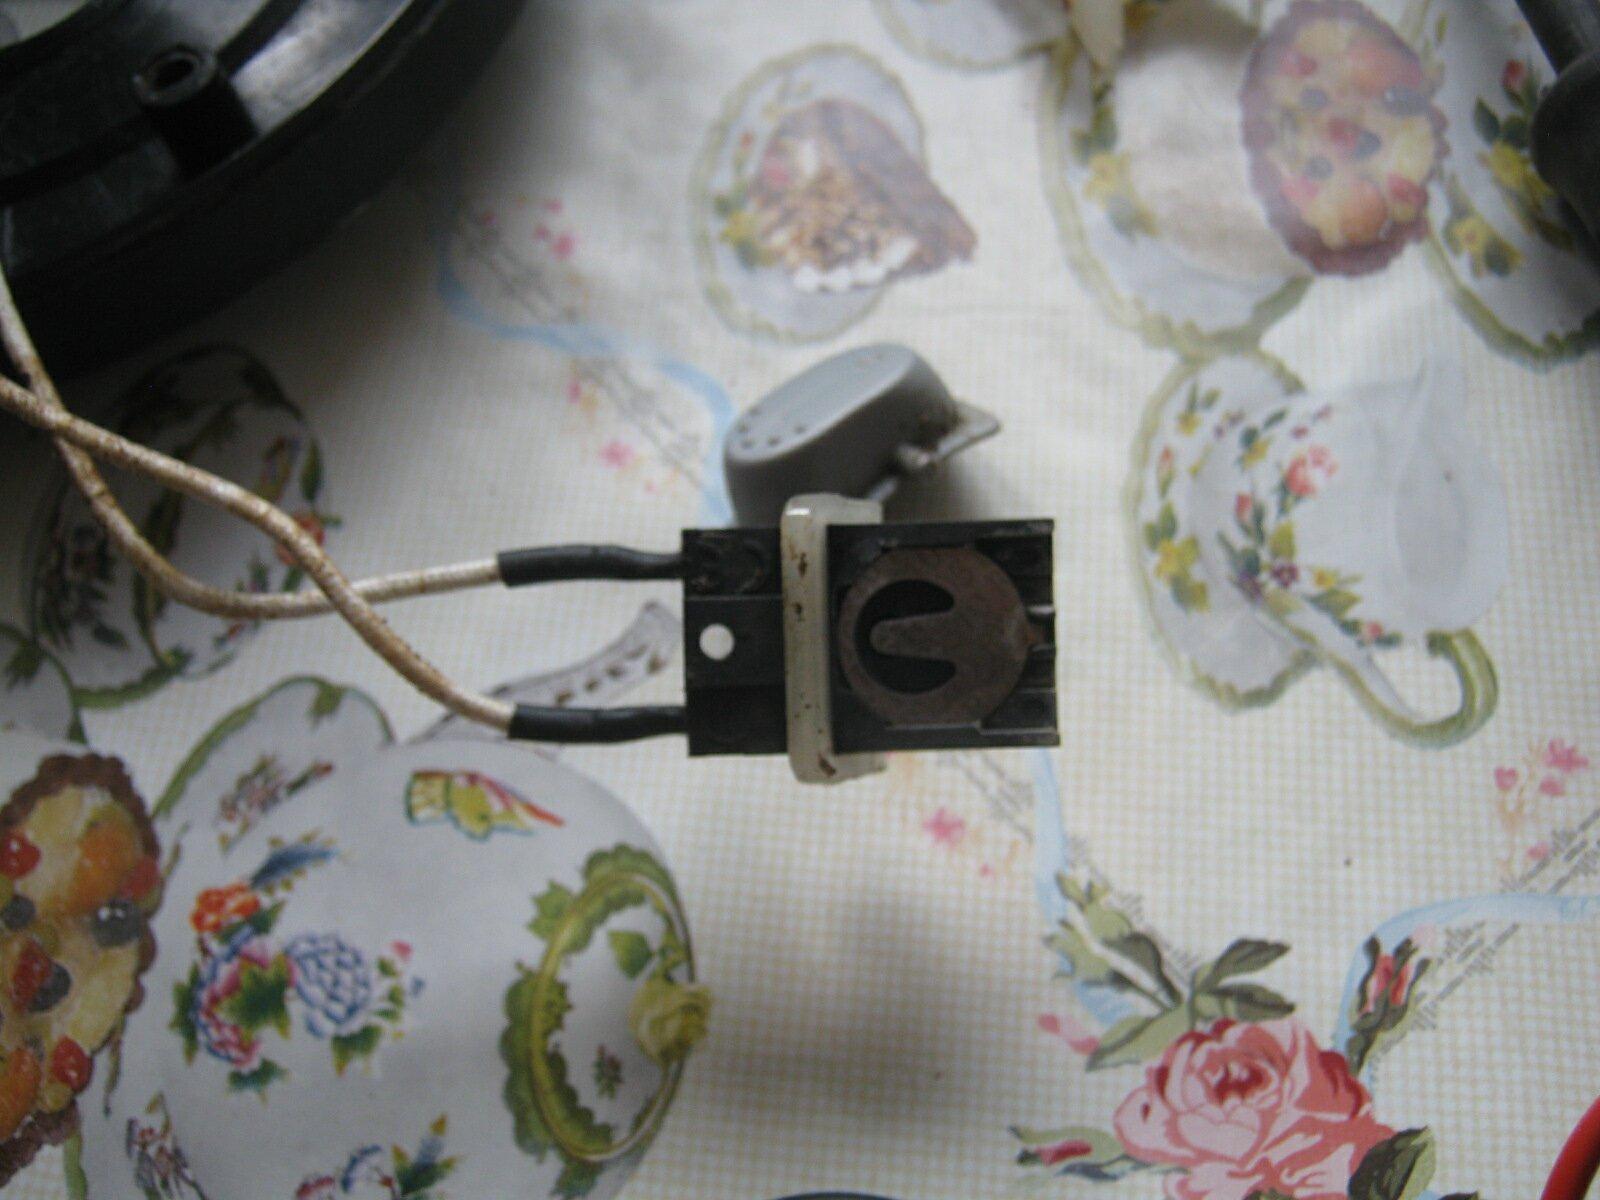 Ремонт электрочайника-своими руками. Схема электрочайника